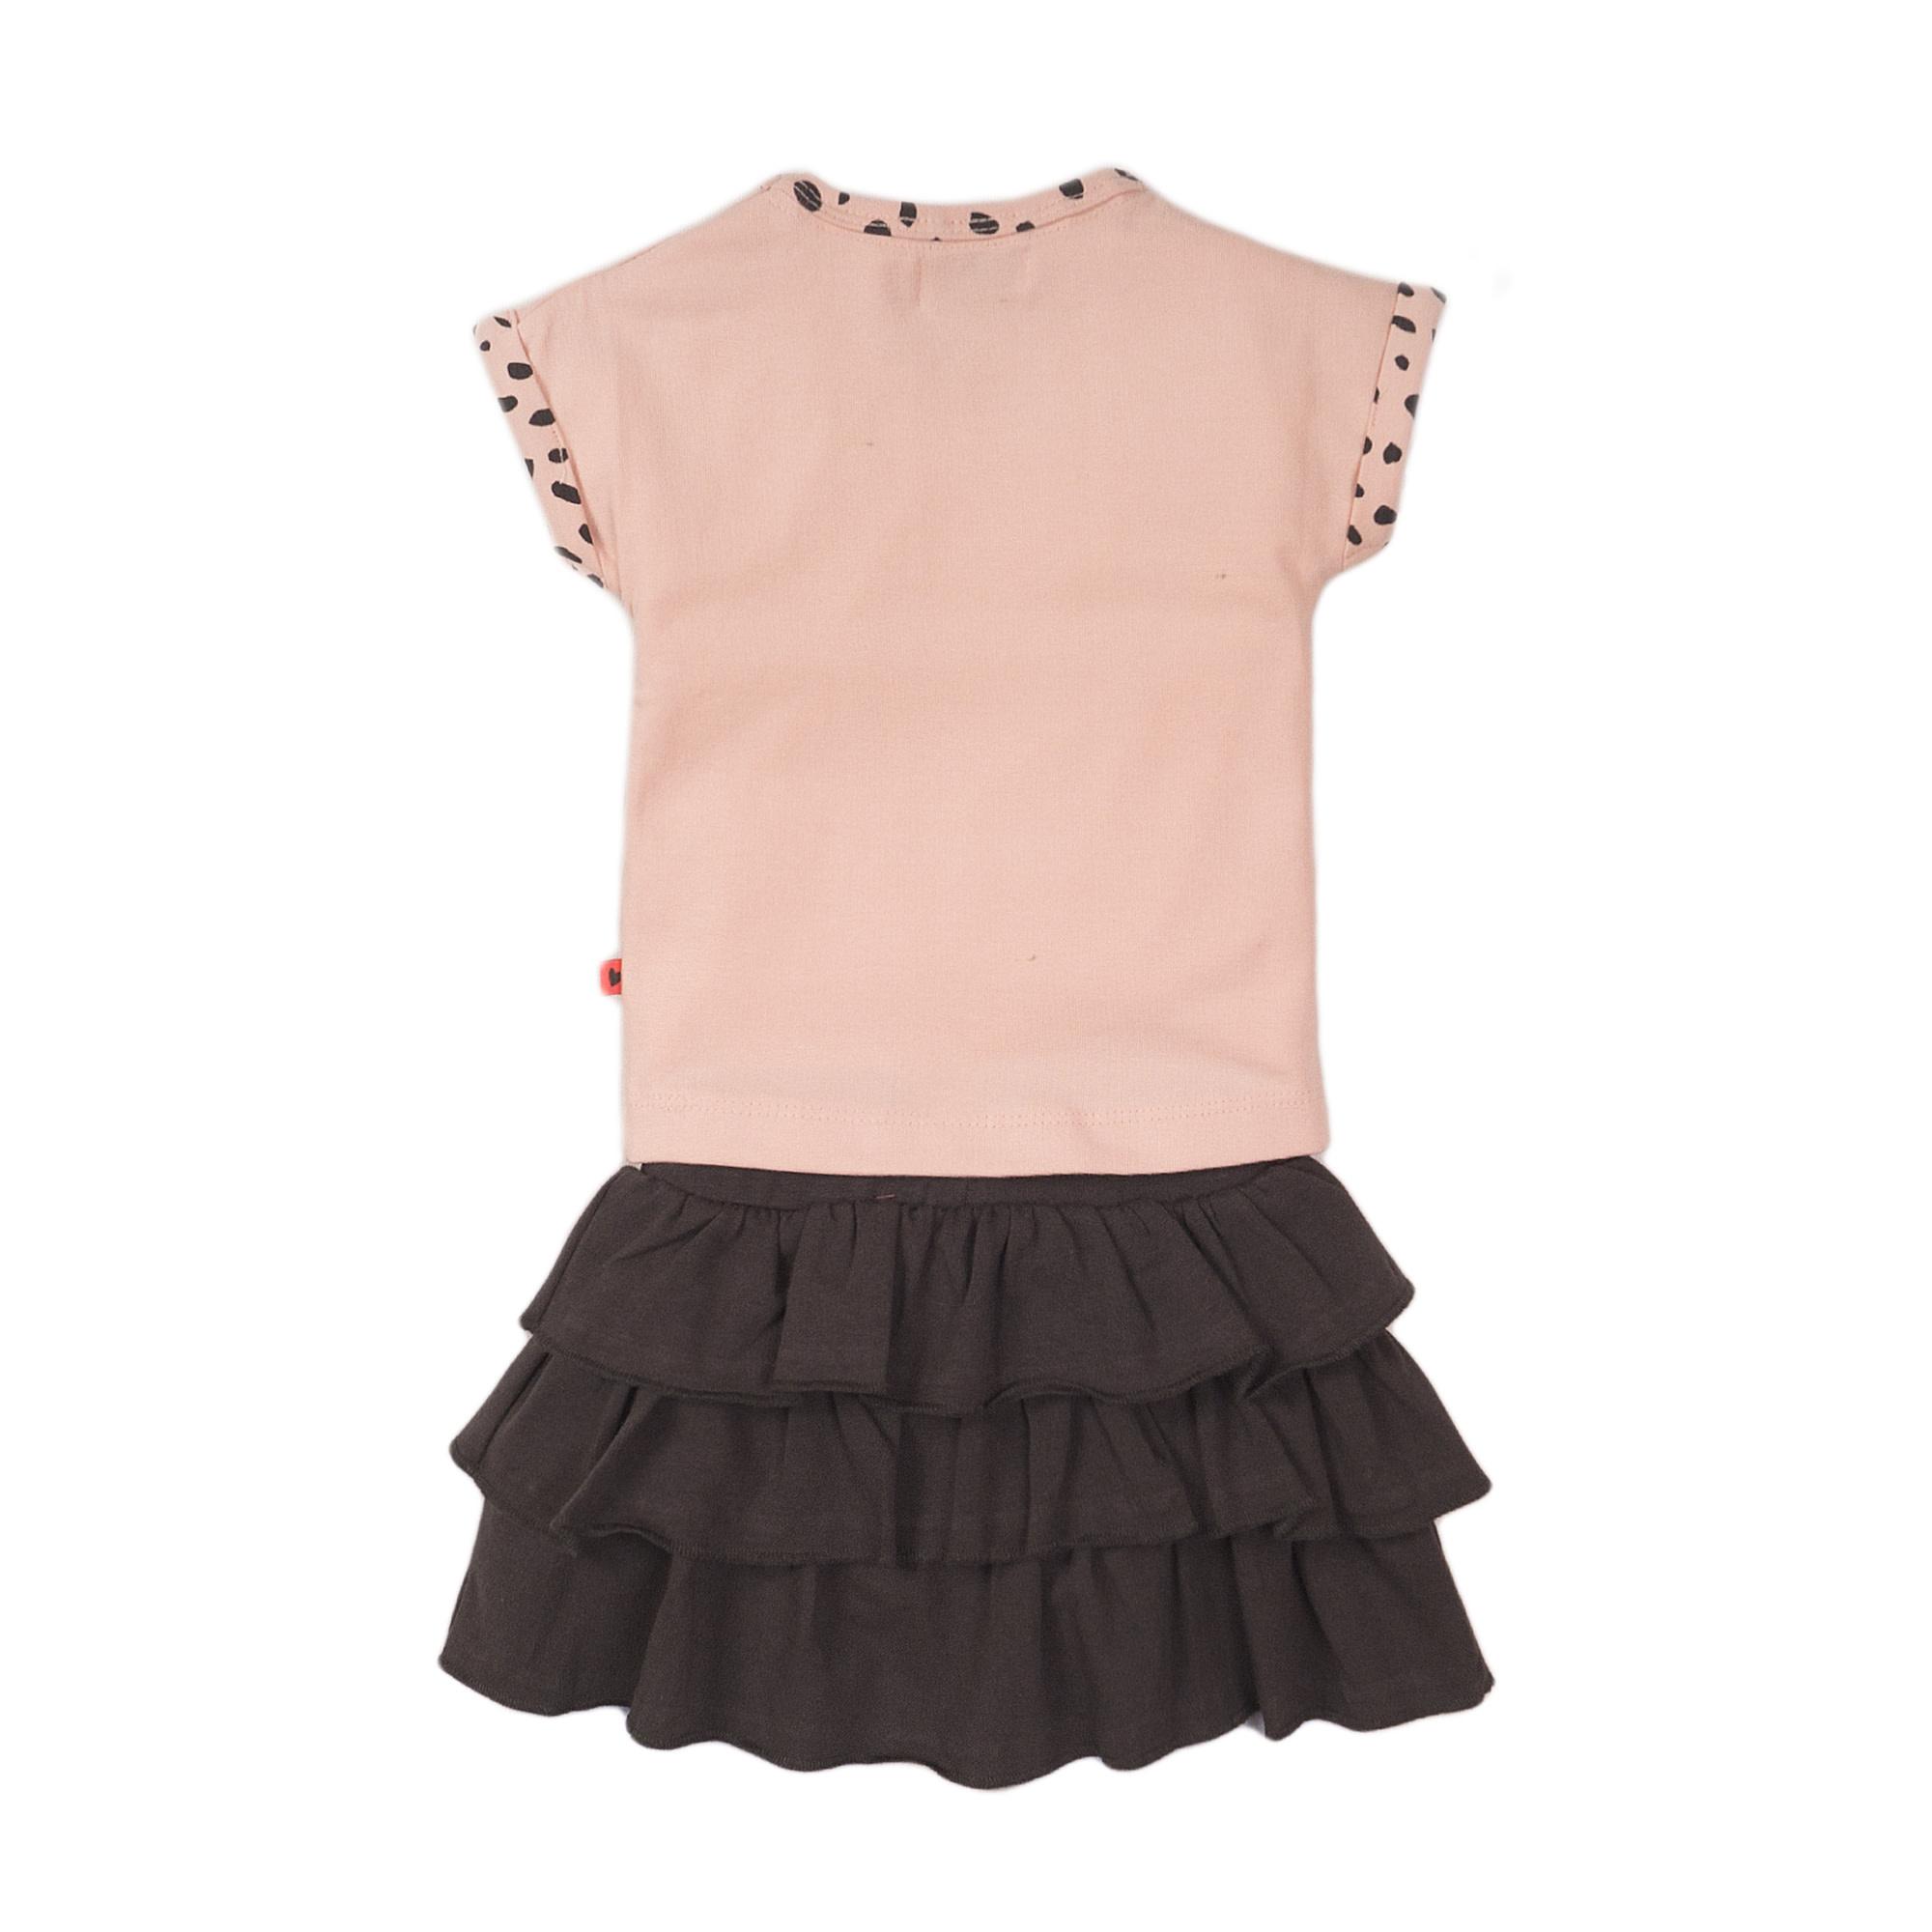 Enjoy Skirt Set